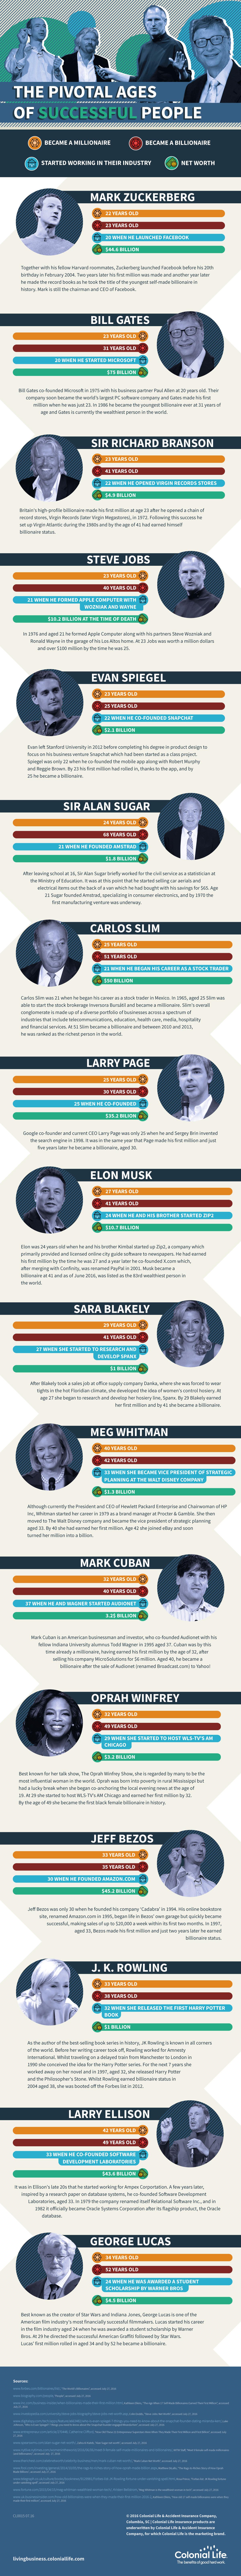 infographie entrepreneurs à succès